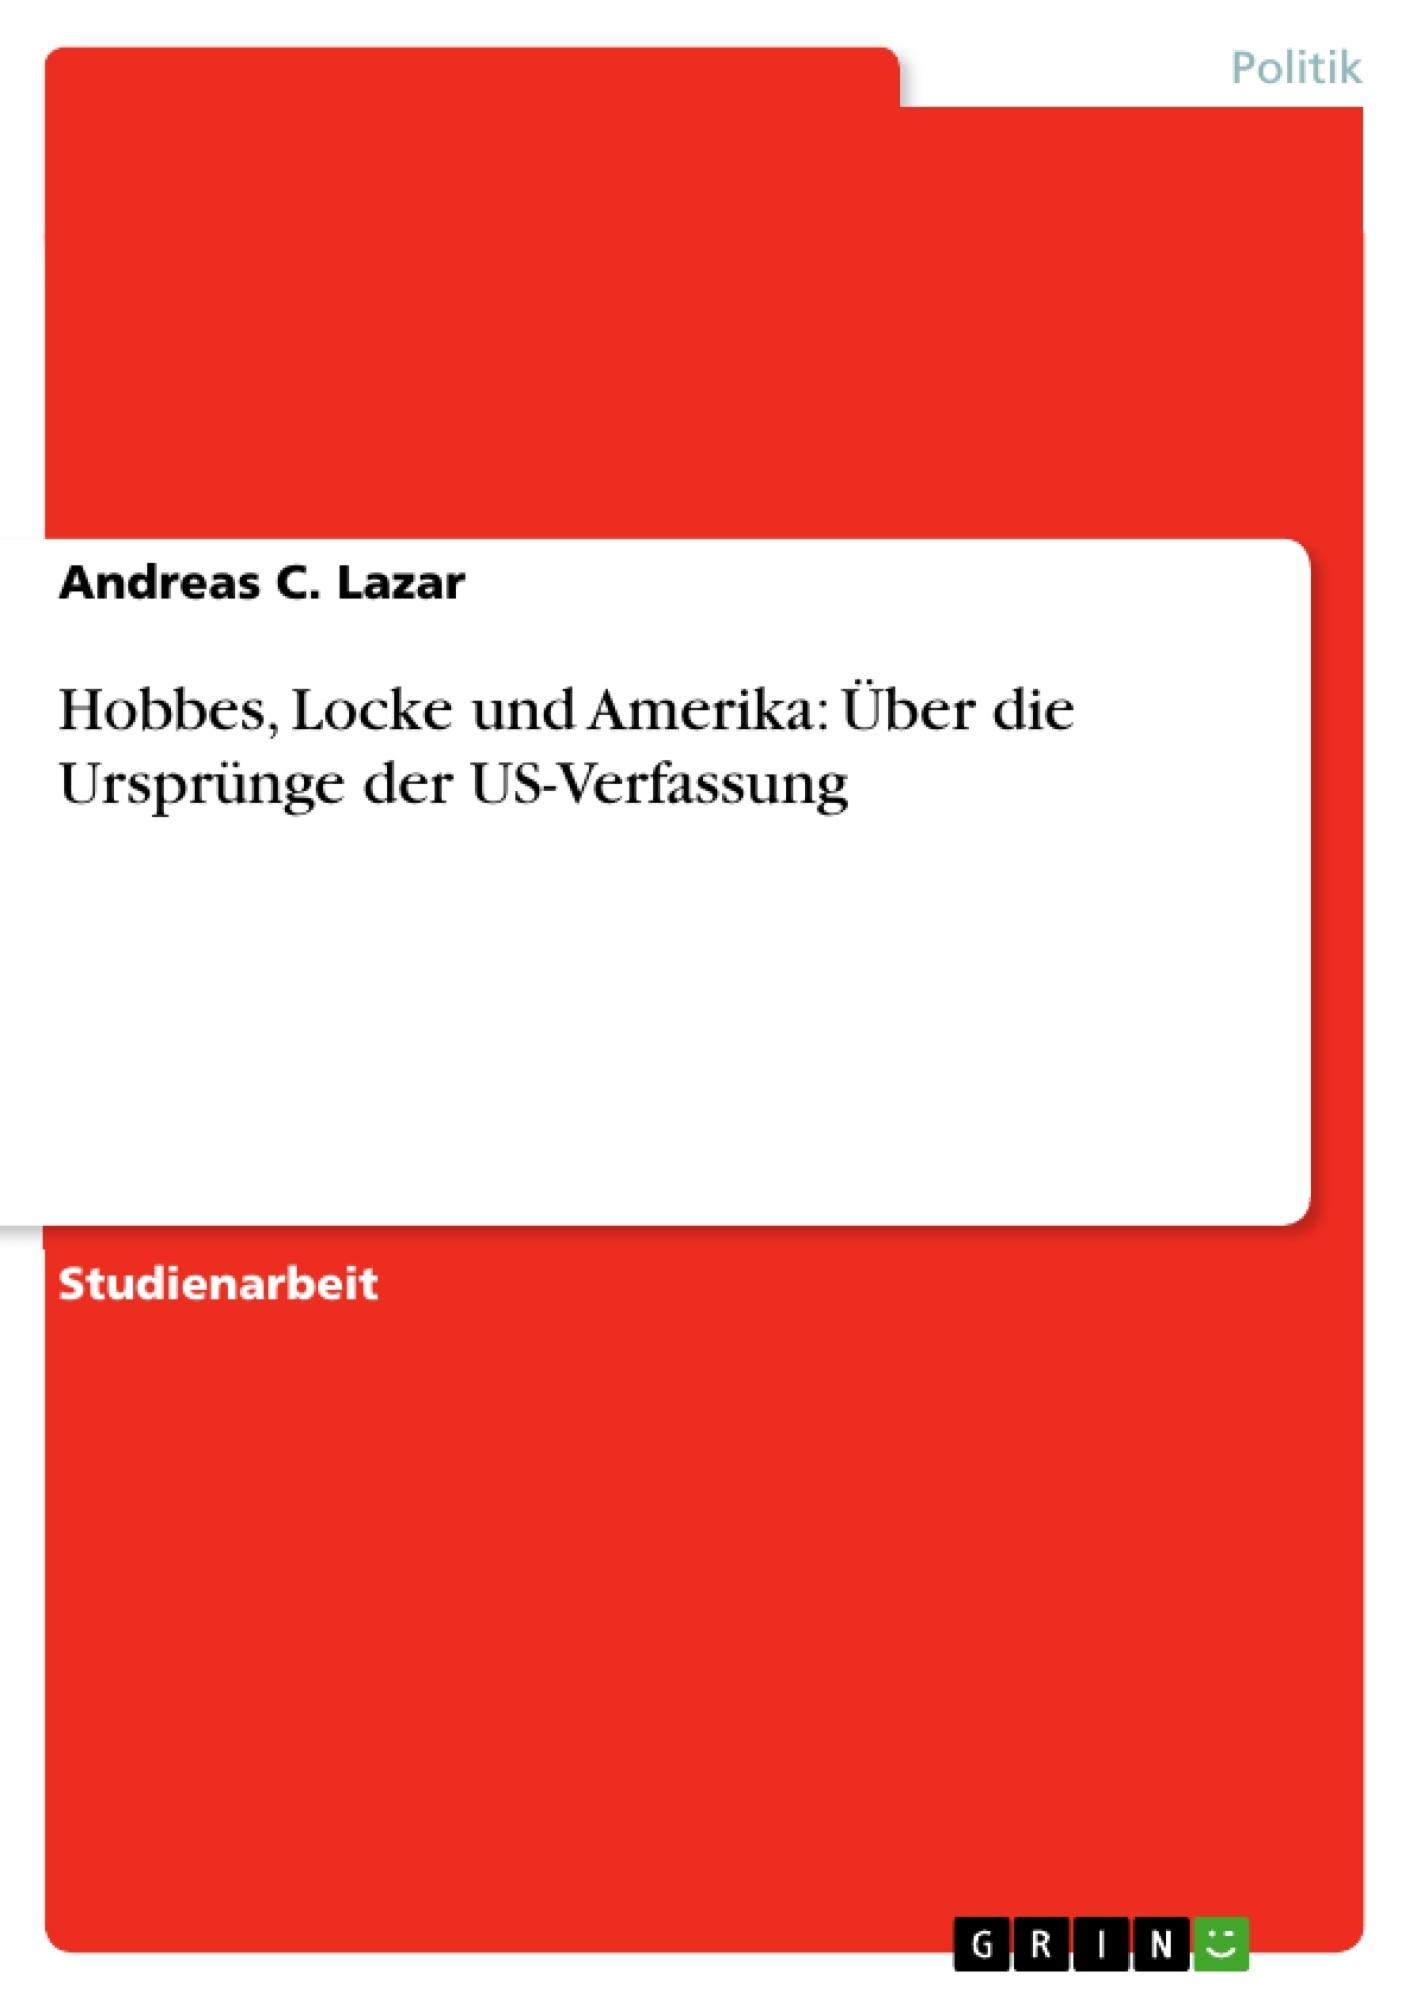 Titel: Hobbes, Locke und Amerika: Über die Ursprünge der US-Verfassung